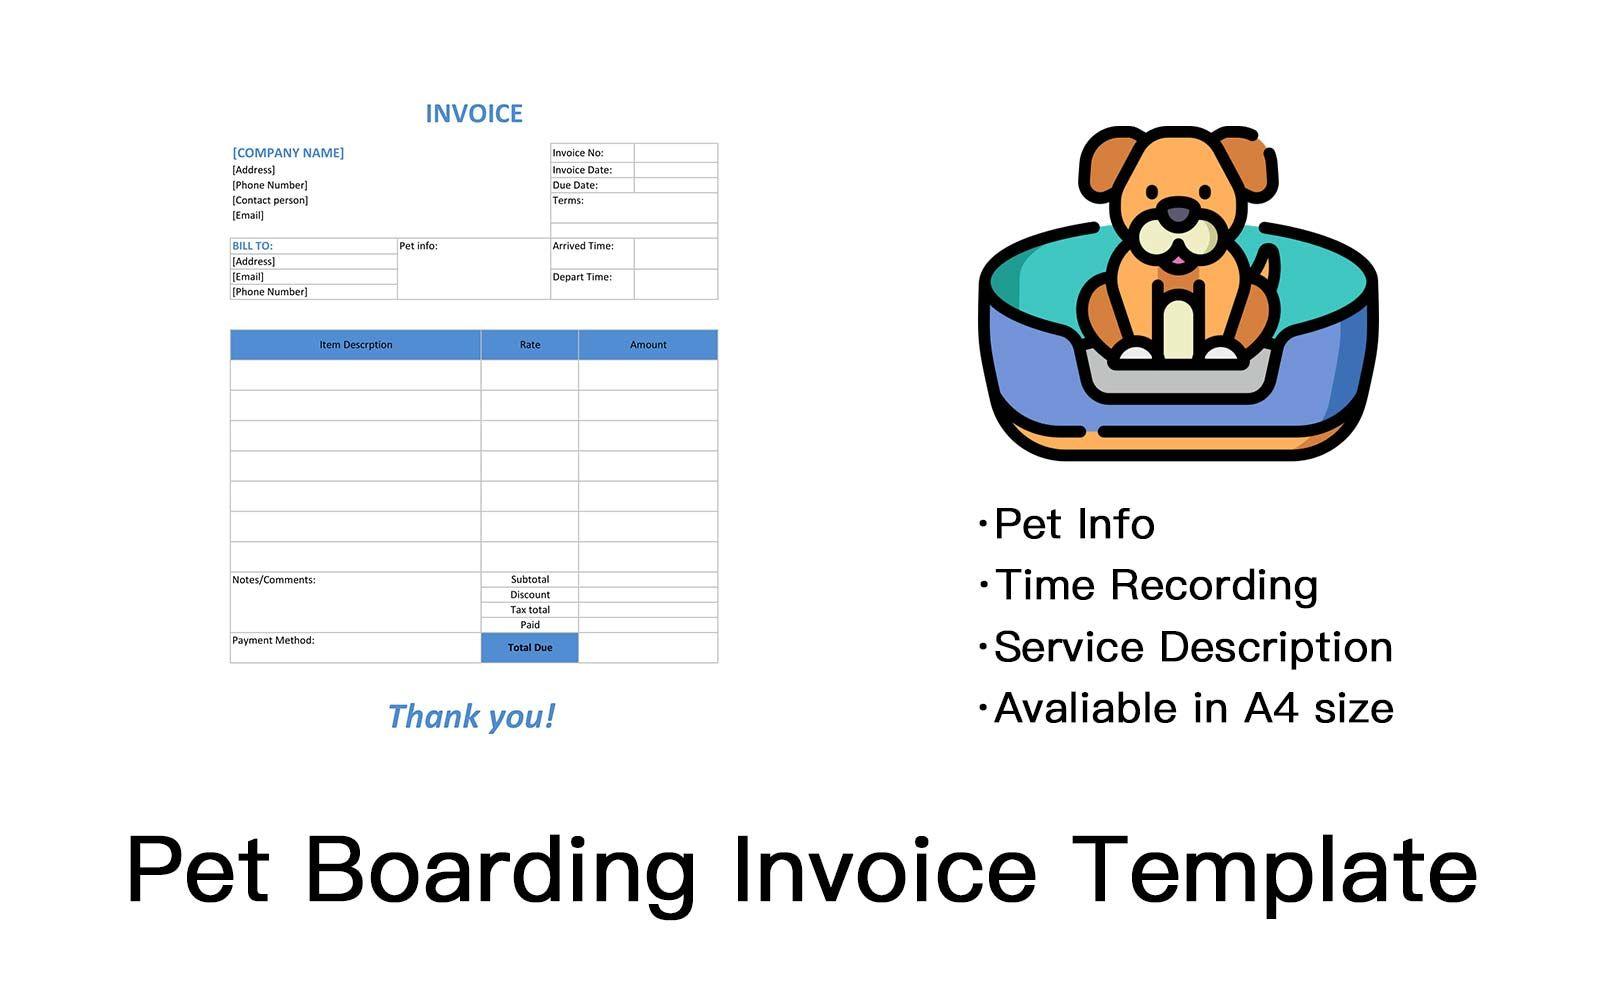 Pet Boarding Invoice Template Invoice Template Invoice Design Invoice Maker